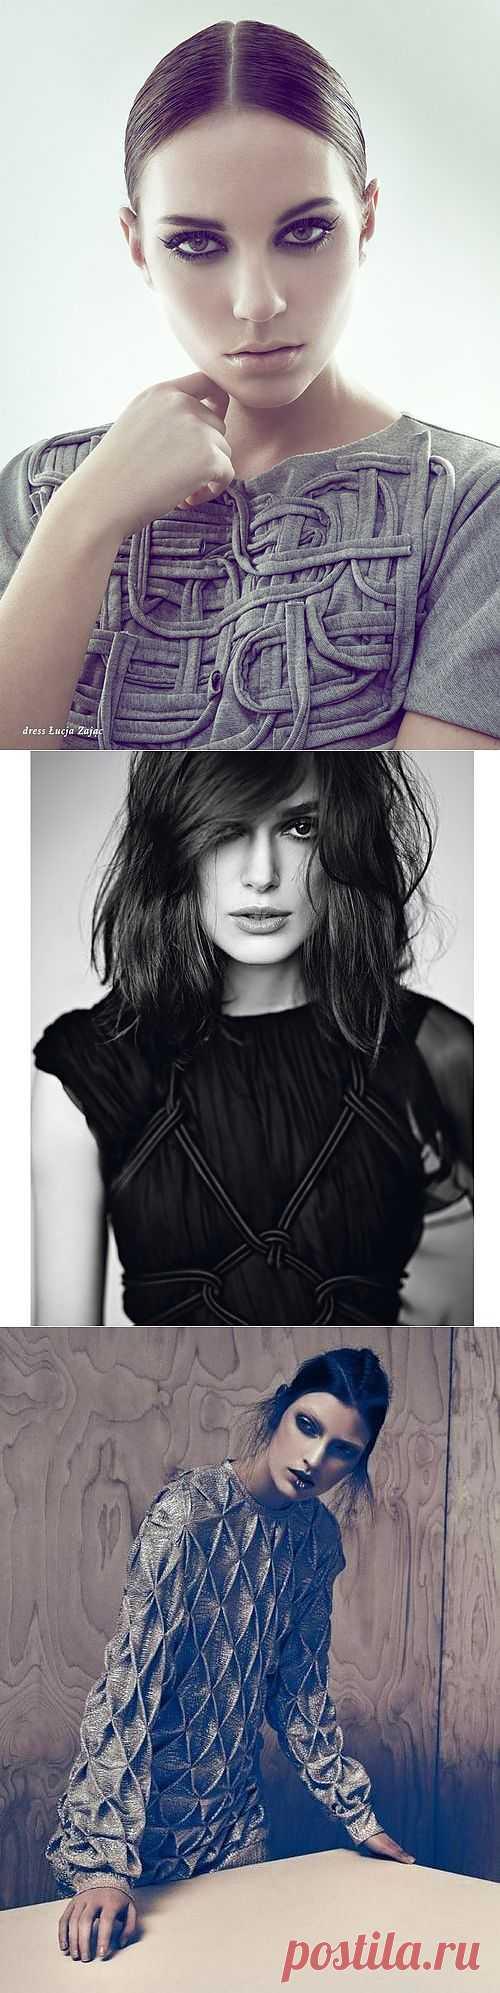 Берем на грудь / Декор / Модный сайт о стильной переделке одежды и интерьера